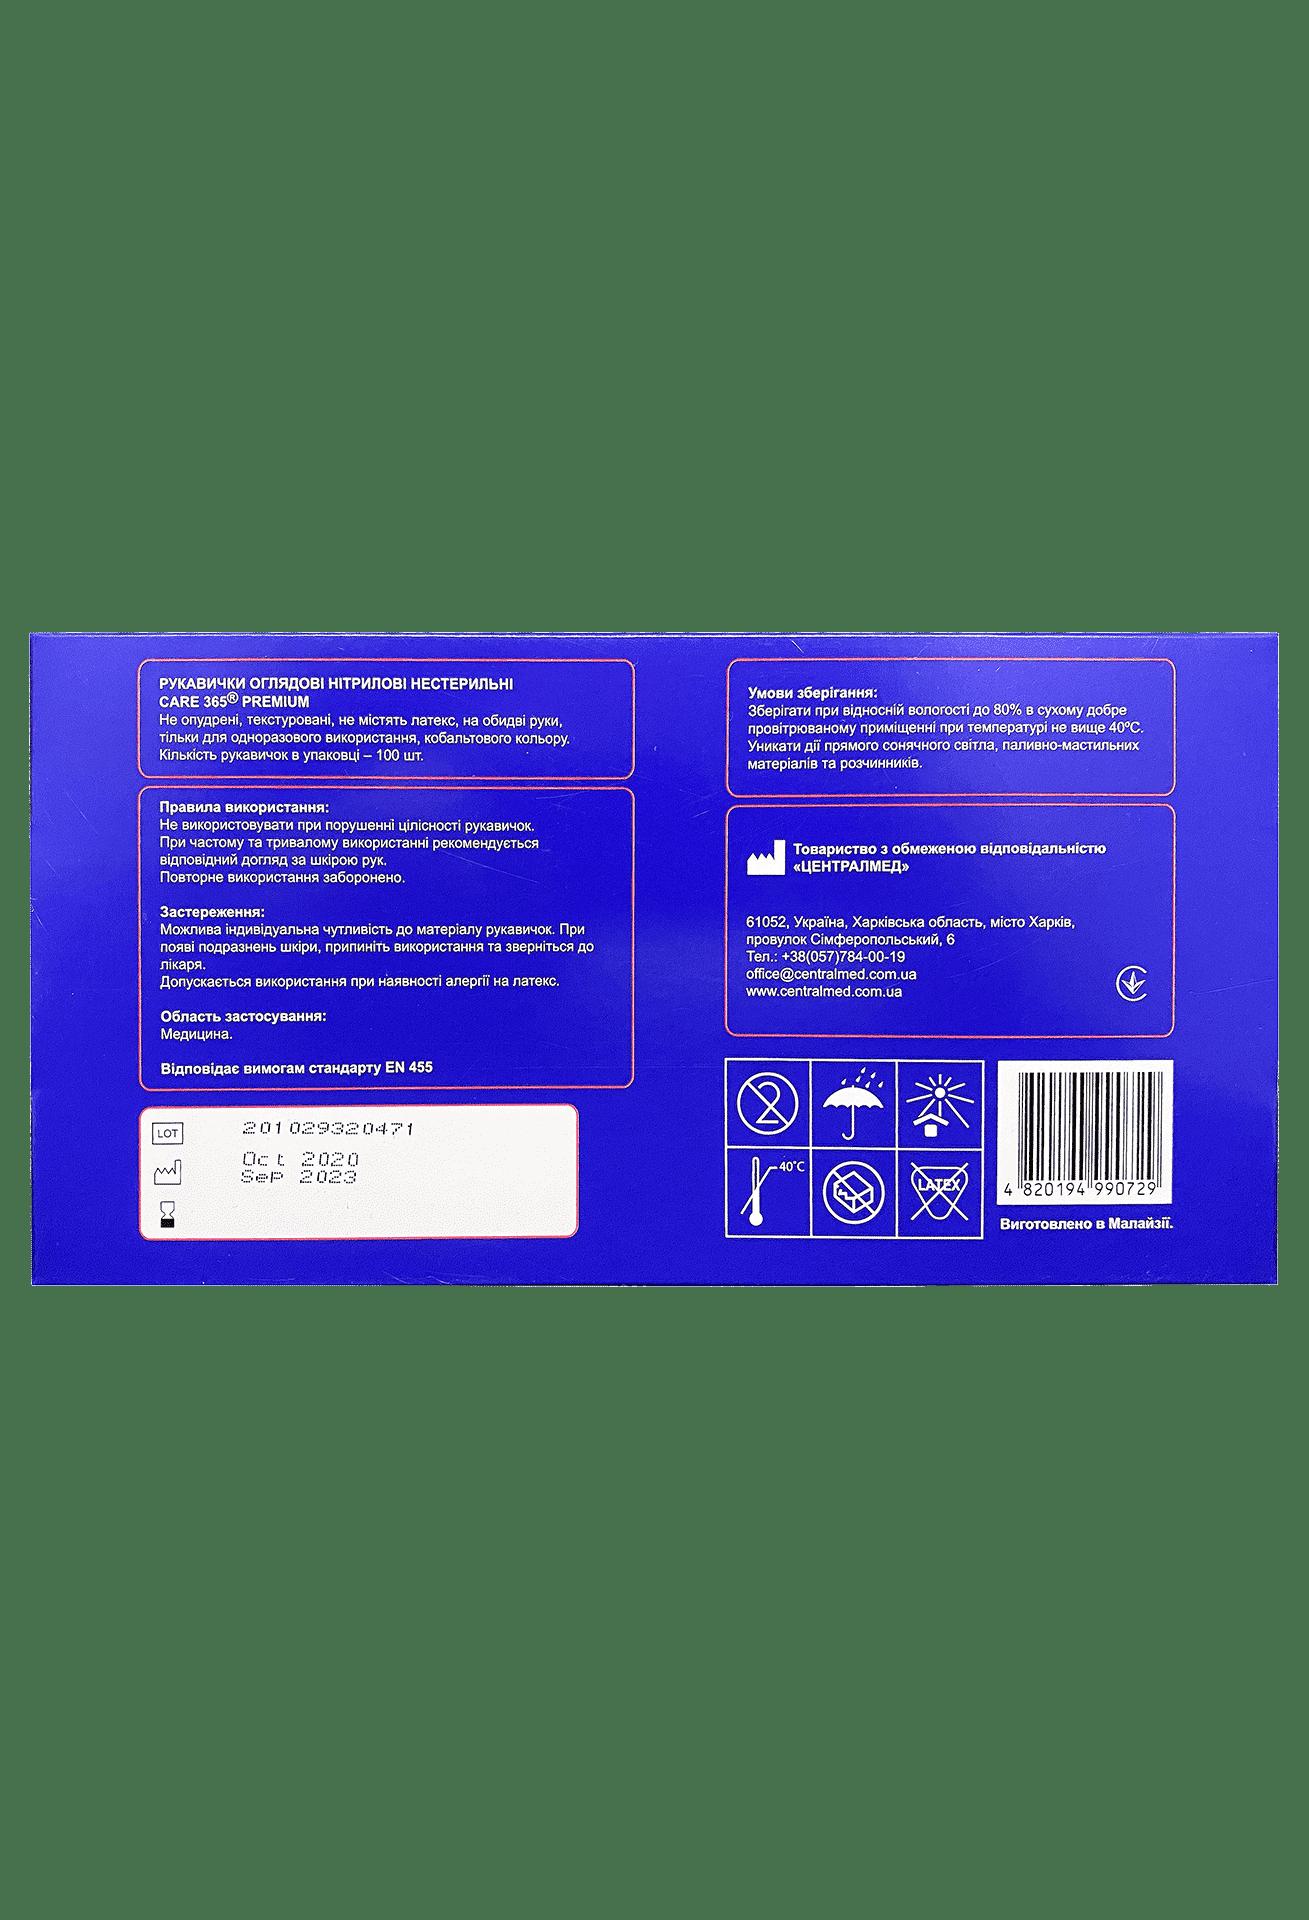 Рукавички нітрилові неопудрені Care 365, M (100шт.)